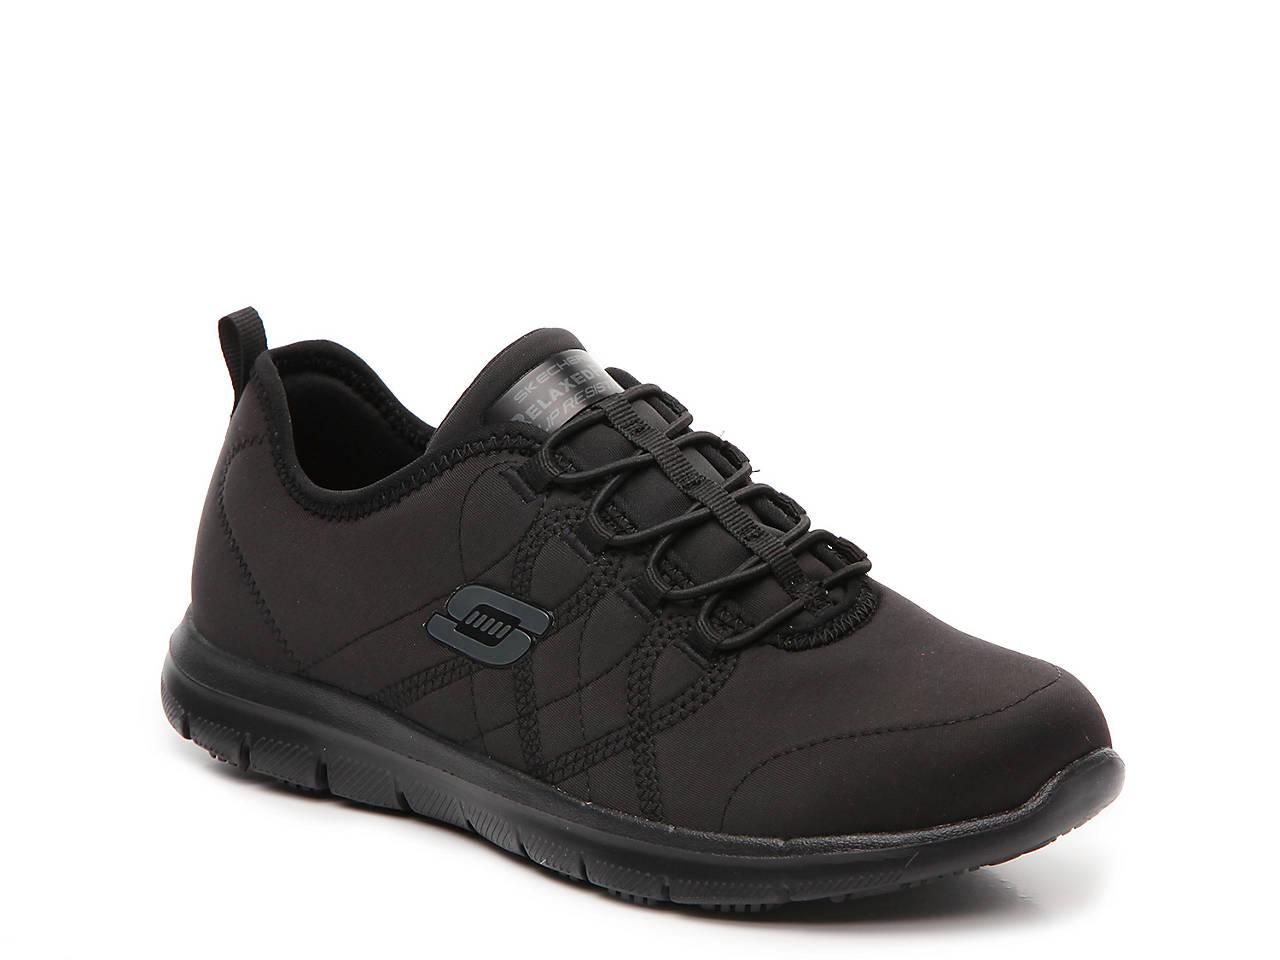 56024e27898 Skechers Work Relaxed Fit Srelt Slip-On Sneaker Women s Shoes